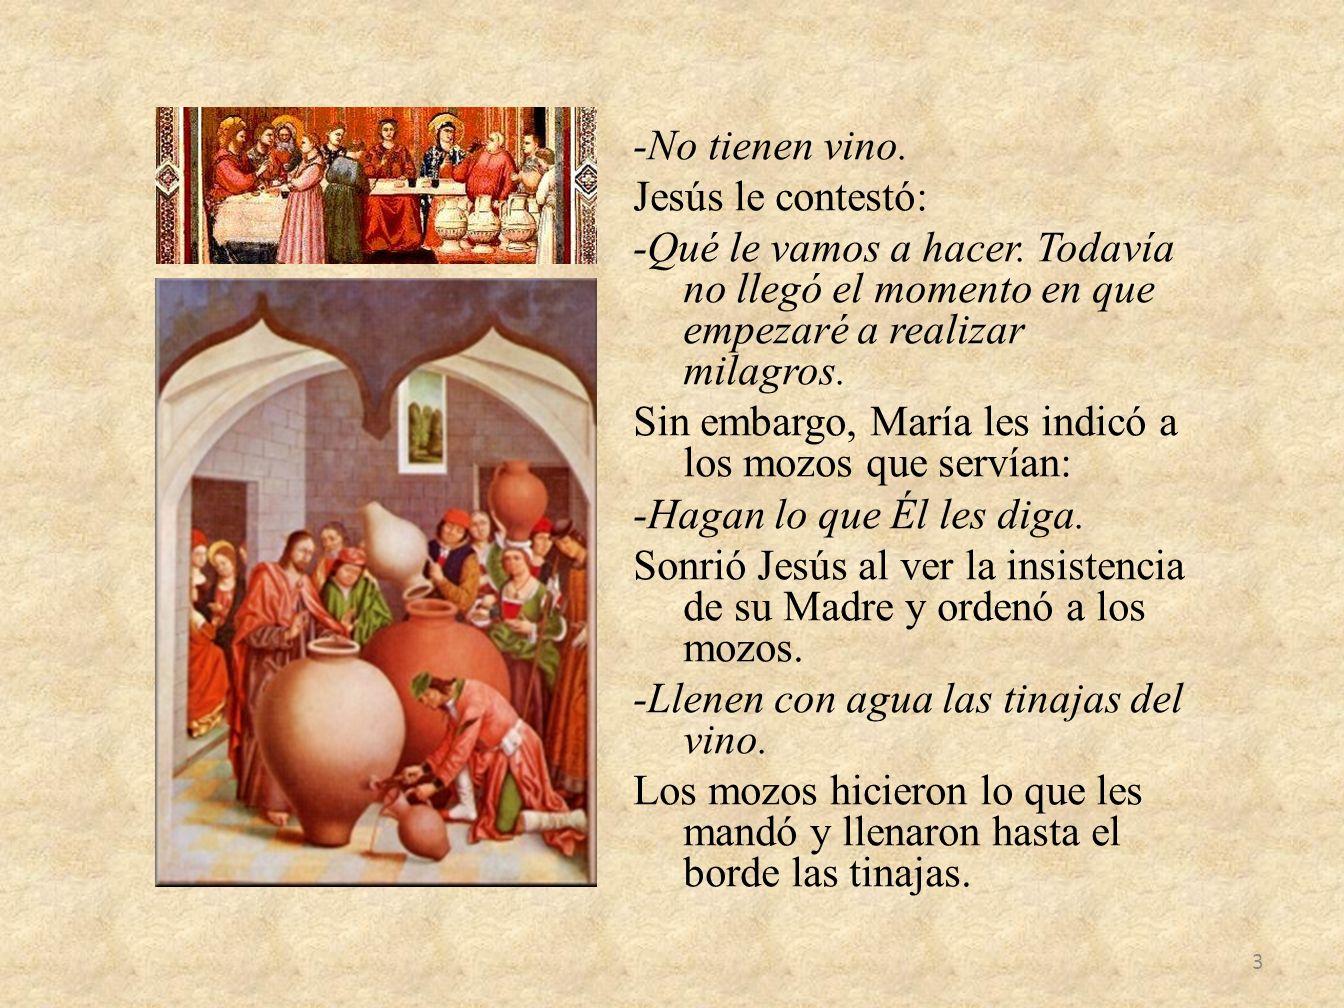 María Ssma es Madre de Jesús y Madre nuestra, Mediadora perfecta entre nosotros y Jesucristo, y será nuestra Abogada, cuando sea necesario… María Ssma es Madre de Jesús y Madre nuestra, Mediadora perfecta entre nosotros y Jesucristo, y será nuestra Abogada, cuando sea necesario…